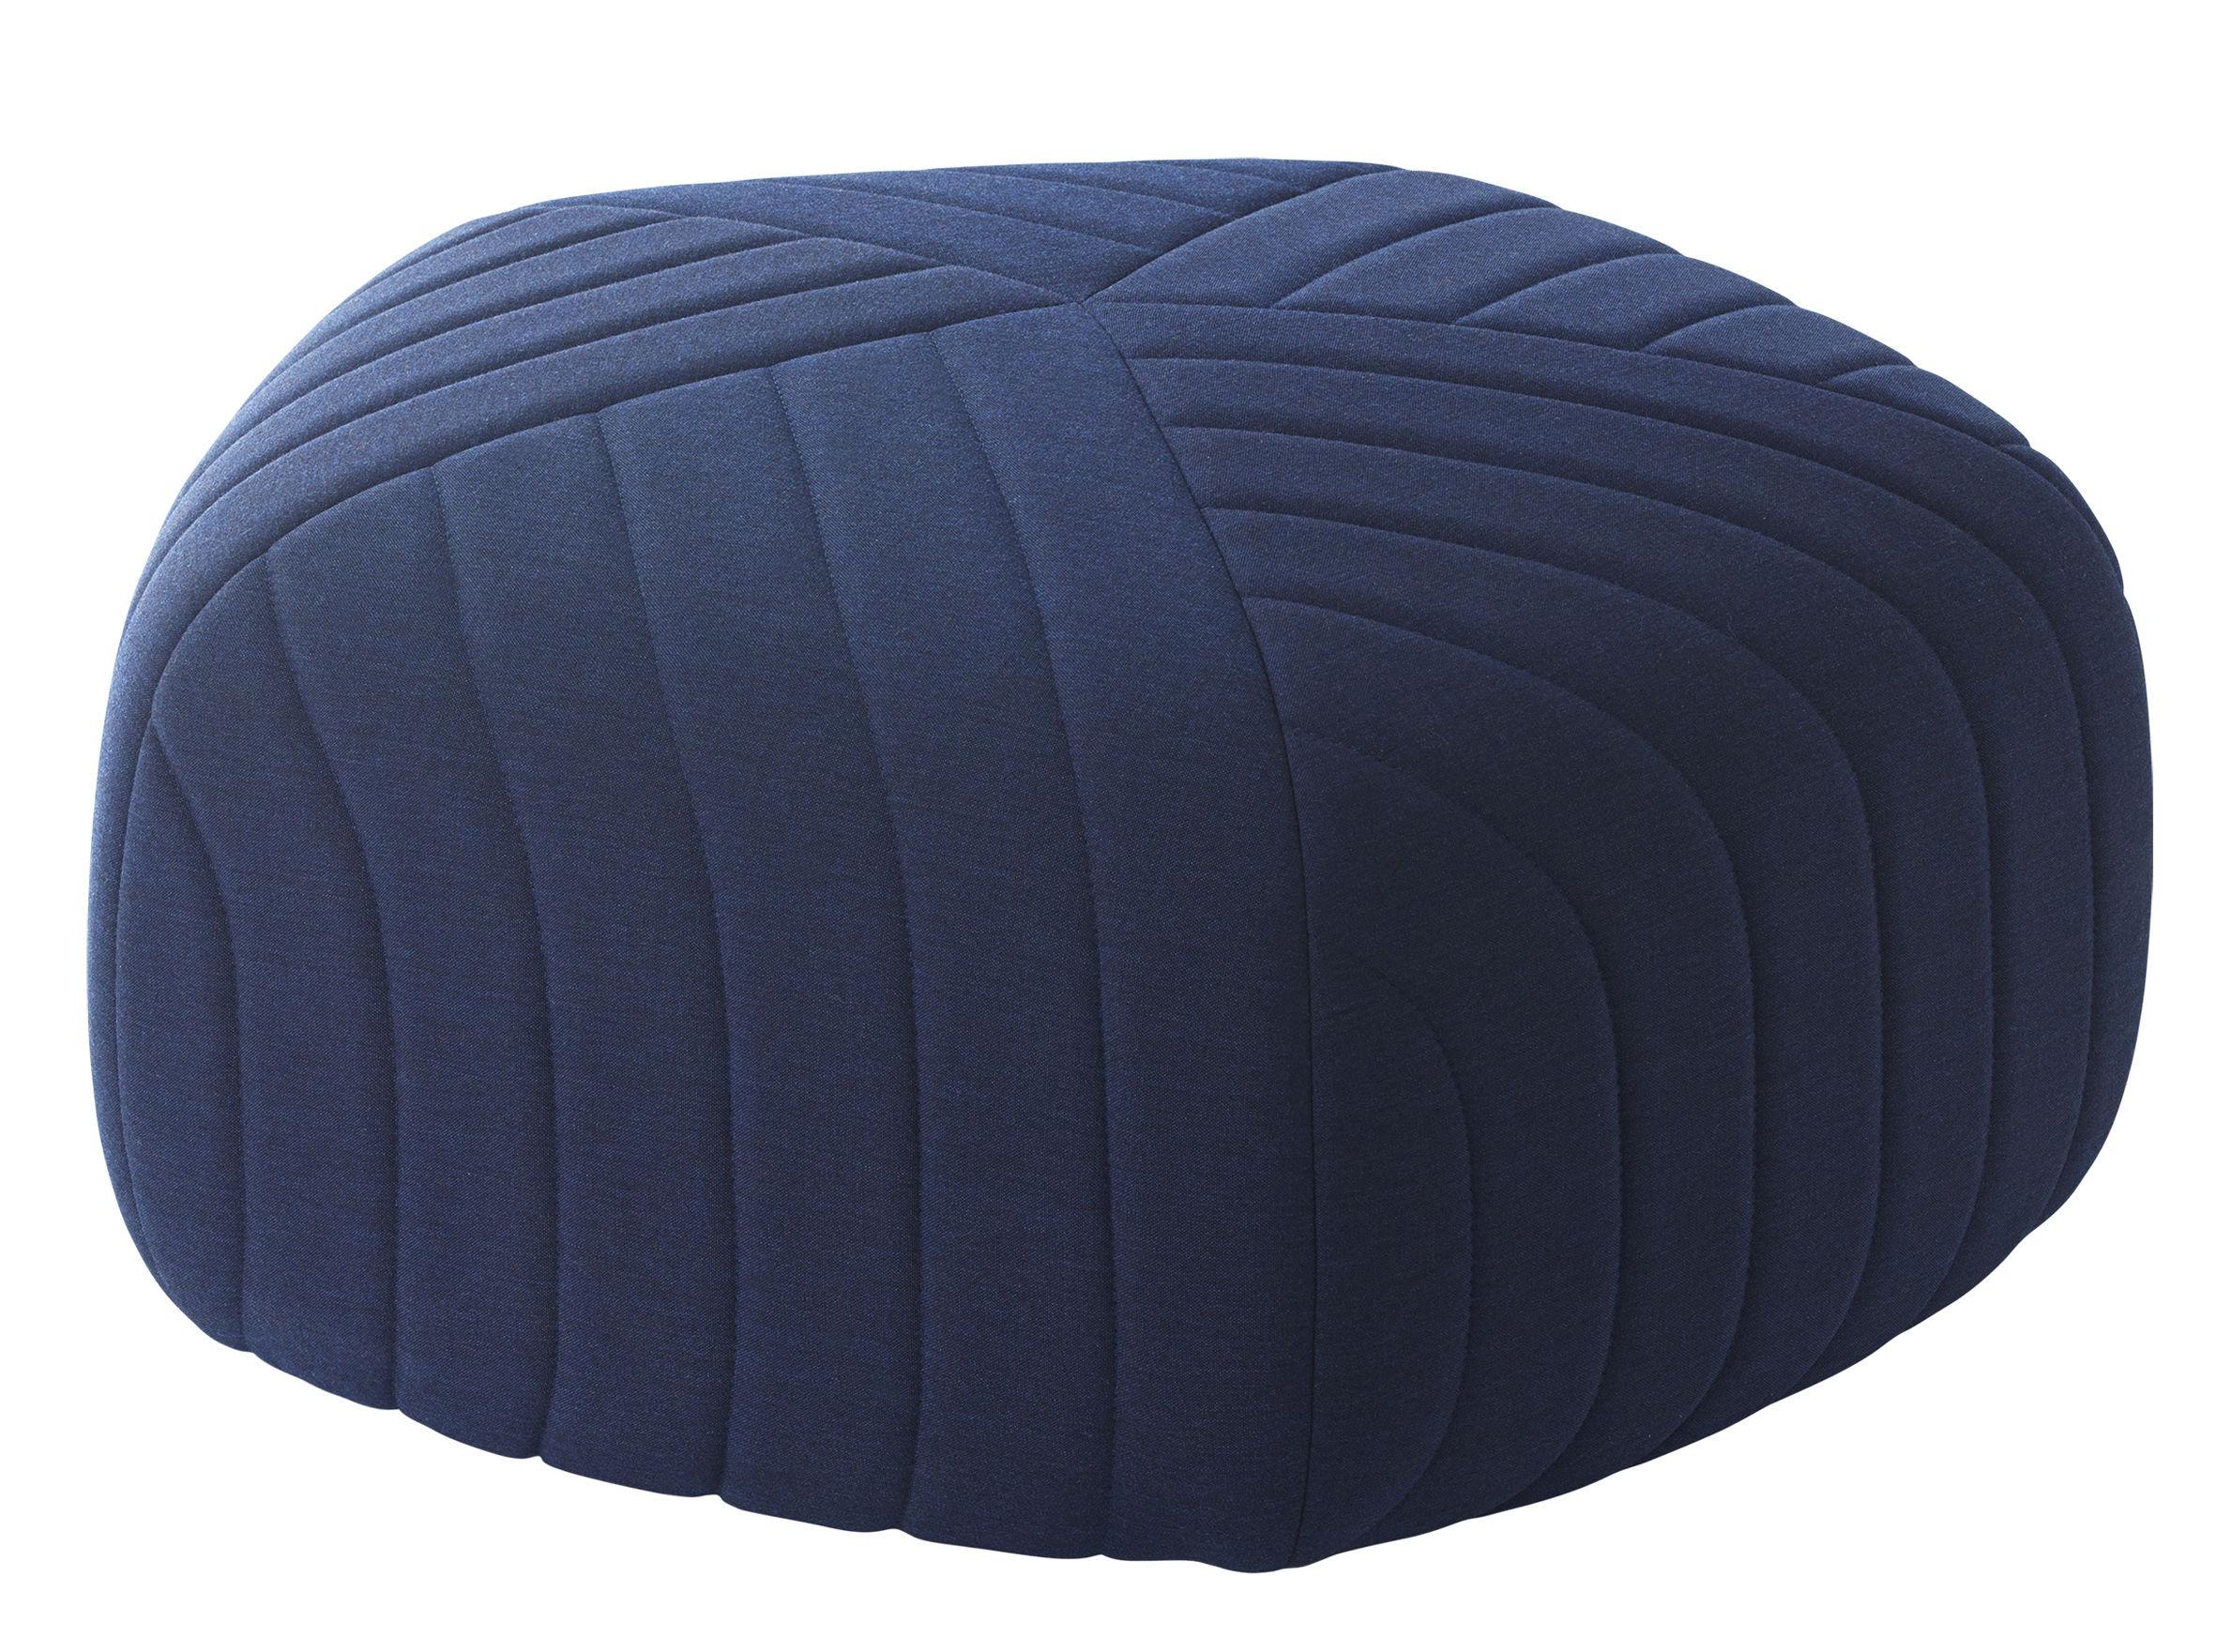 Arredamento - Pouf - Pouf Five / H 45 x  Ø 88 cm - Muuto - Blu scuro - Espanso, Legno, Tessuto Kvadrat